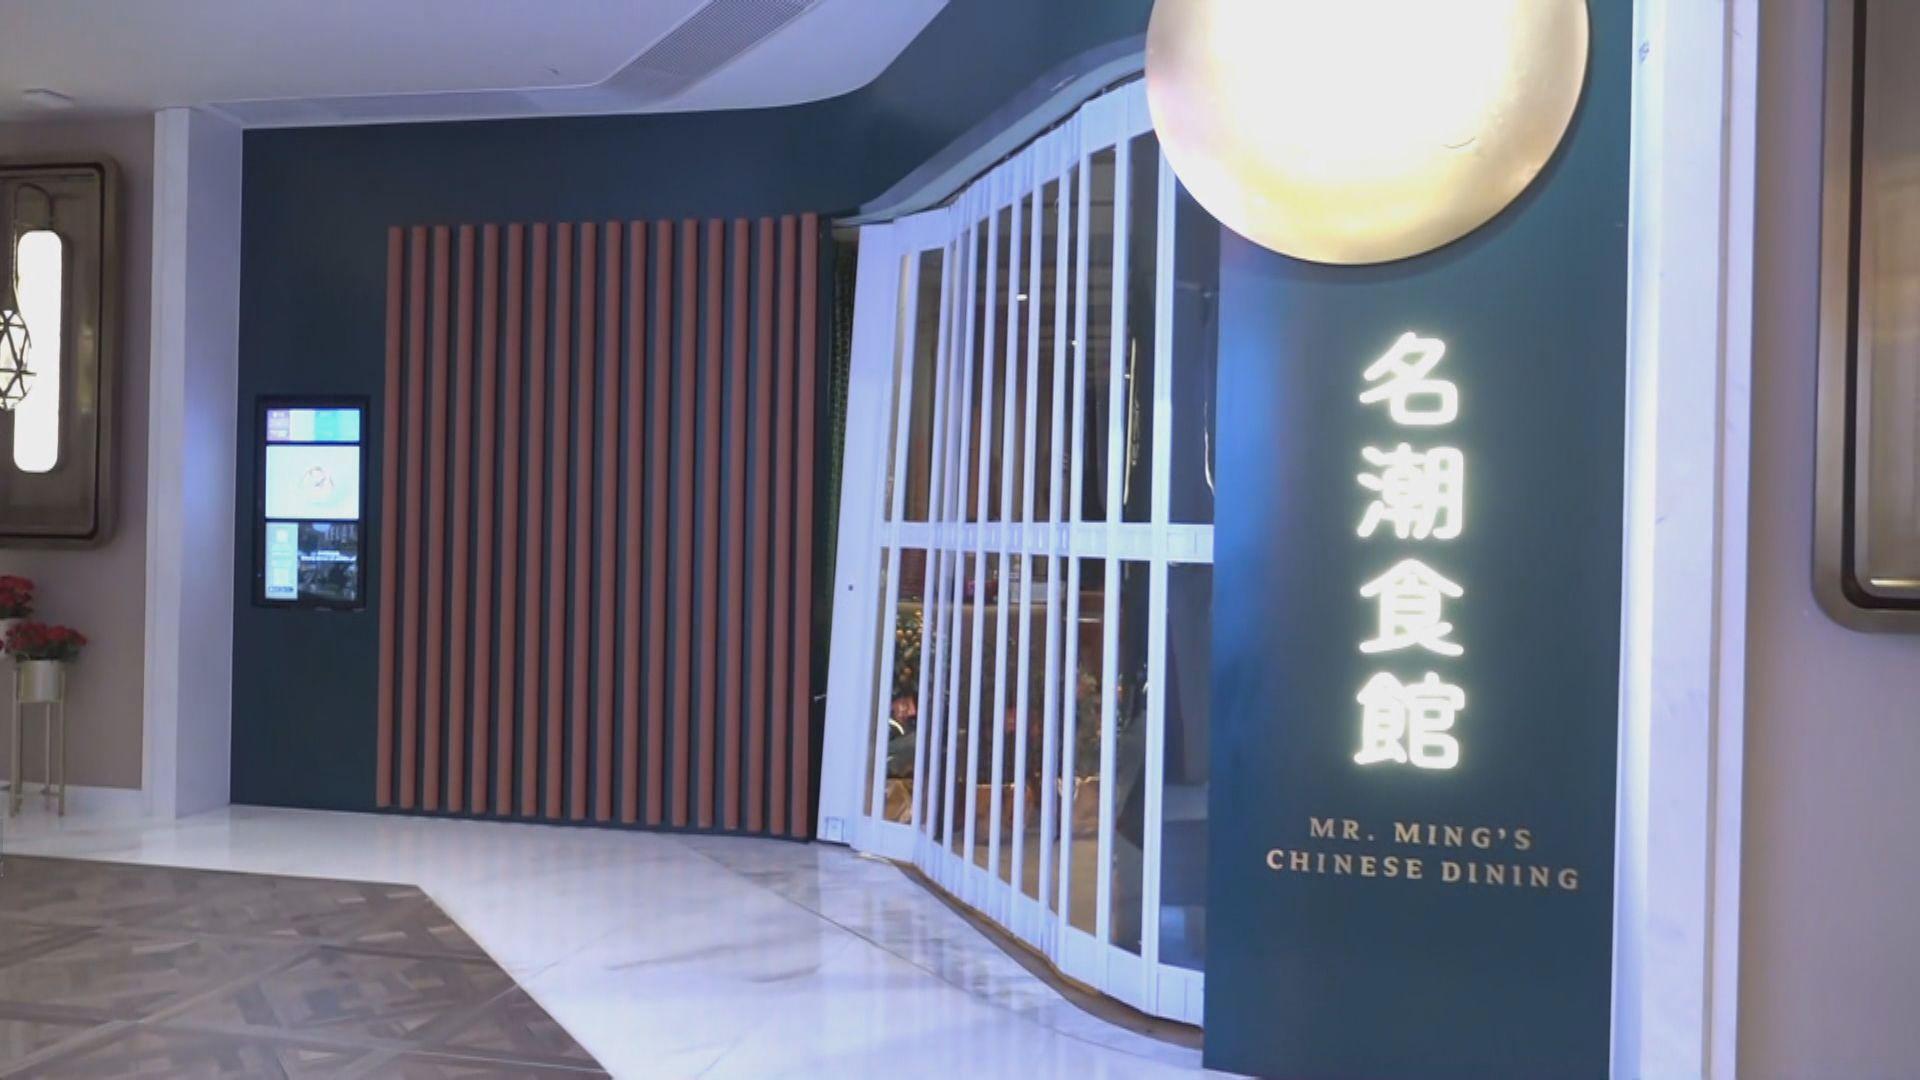 【本港新增33確診】K11 Musea名潮食館群組累計41人染疫 商場工作人士須強檢